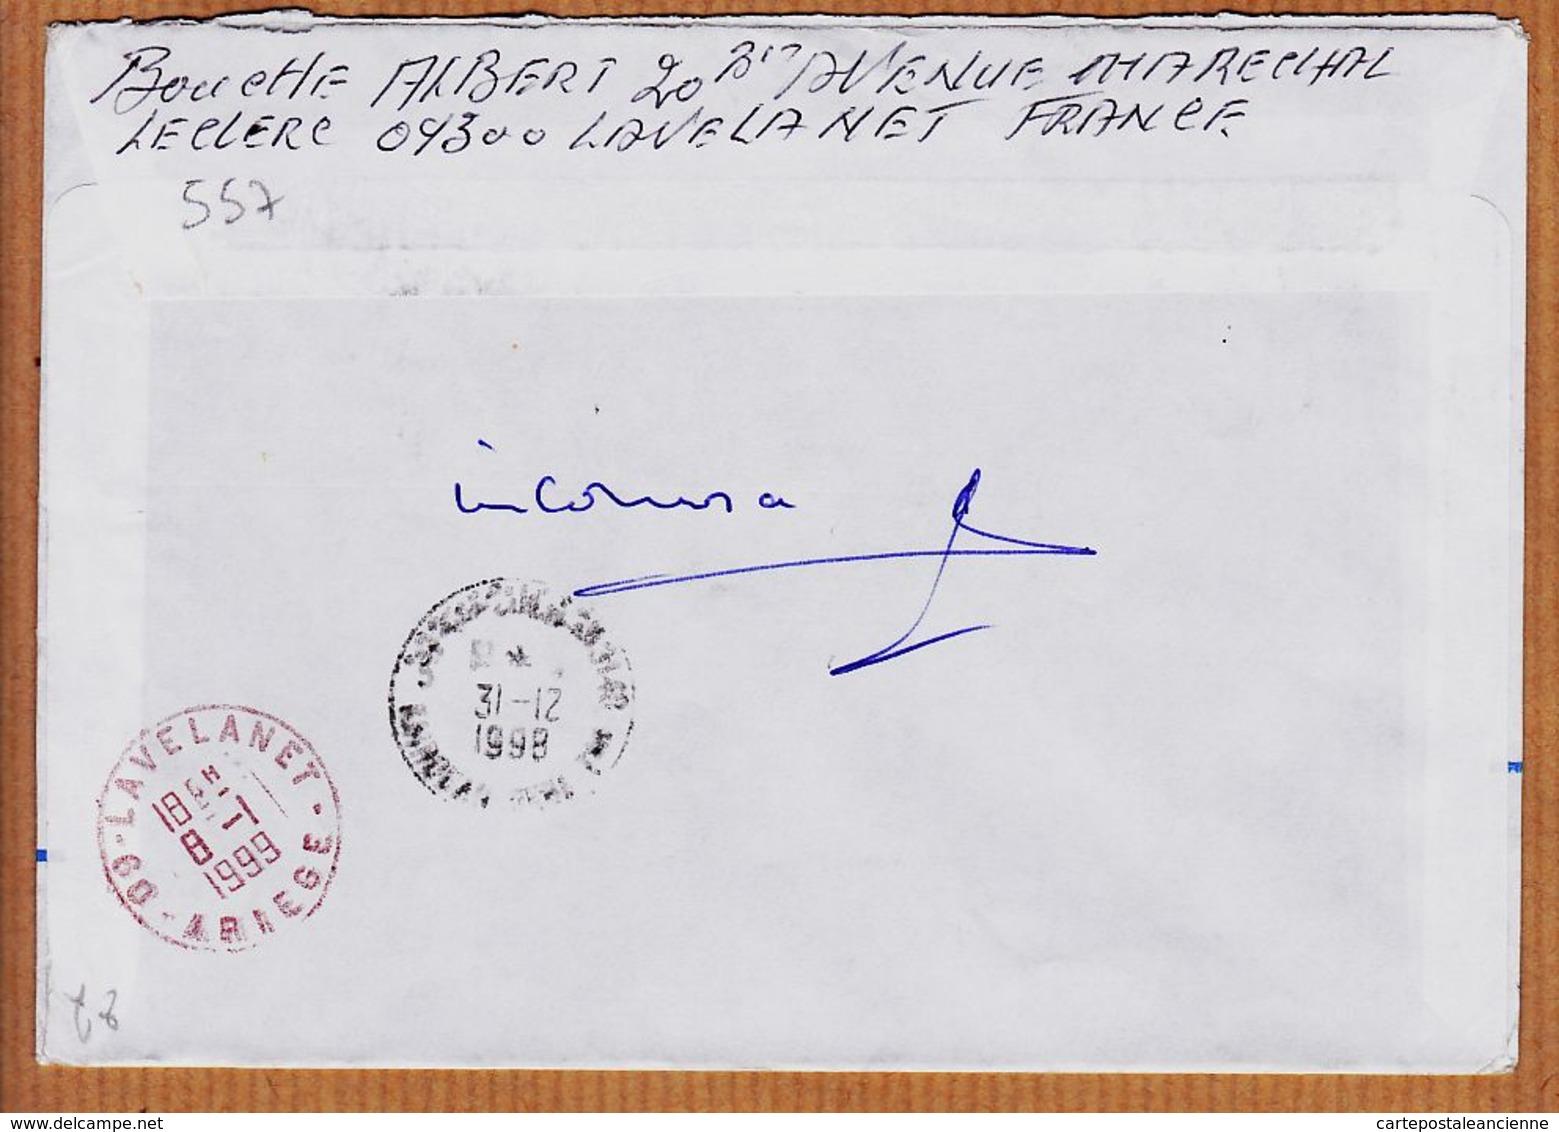 M045 TAAF NON DISTRIBUE Armements Reunionnais M/S SAINT-JEAN Le Capitaine Posté En Mer 1998 ALFRRED-FAURE CROZET - Lettres & Documents